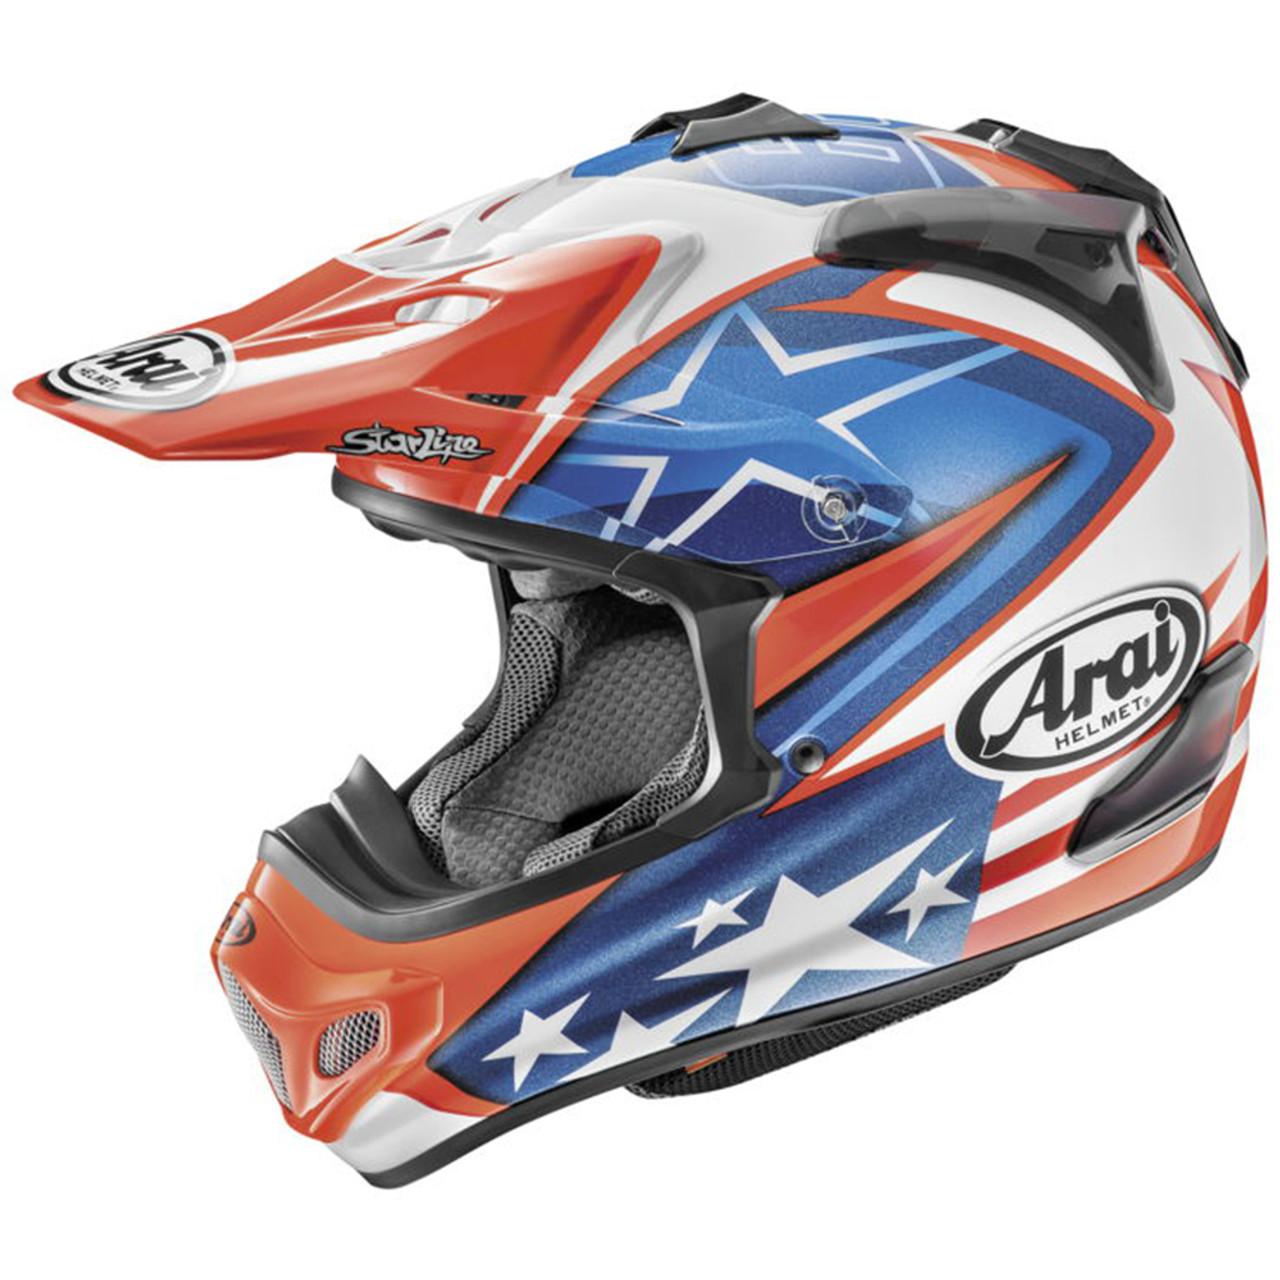 Arai Motocross VX-Pro 3 Helmets Visor Peak MULTI COLORS Off Road VX Pro 3